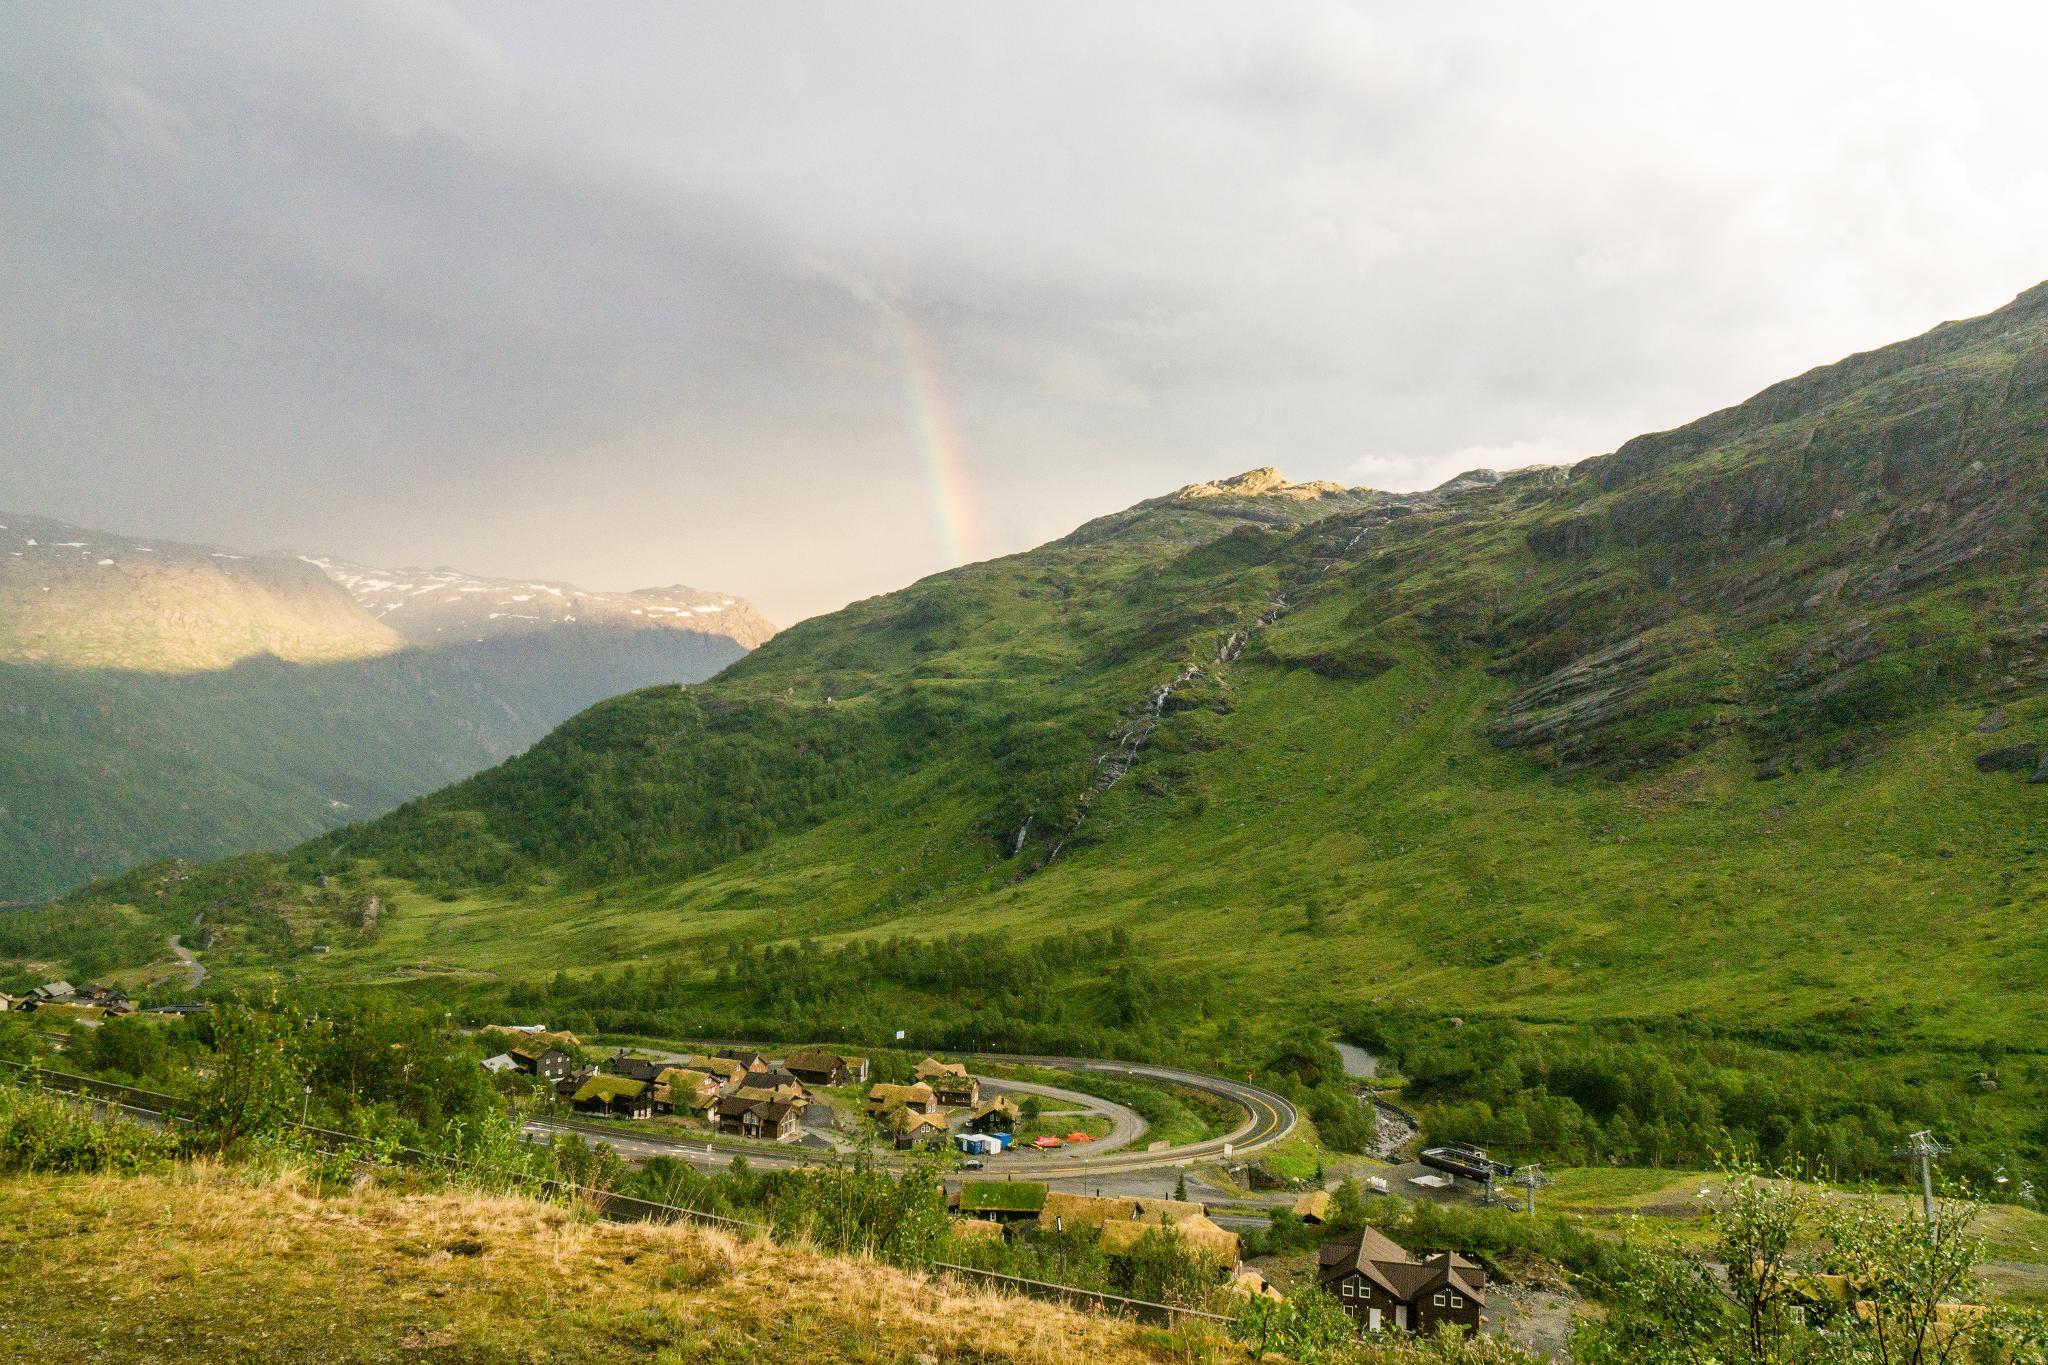 【北歐景點】中世紀的朝聖者之路:百年歷史的Røldal小鎮 2